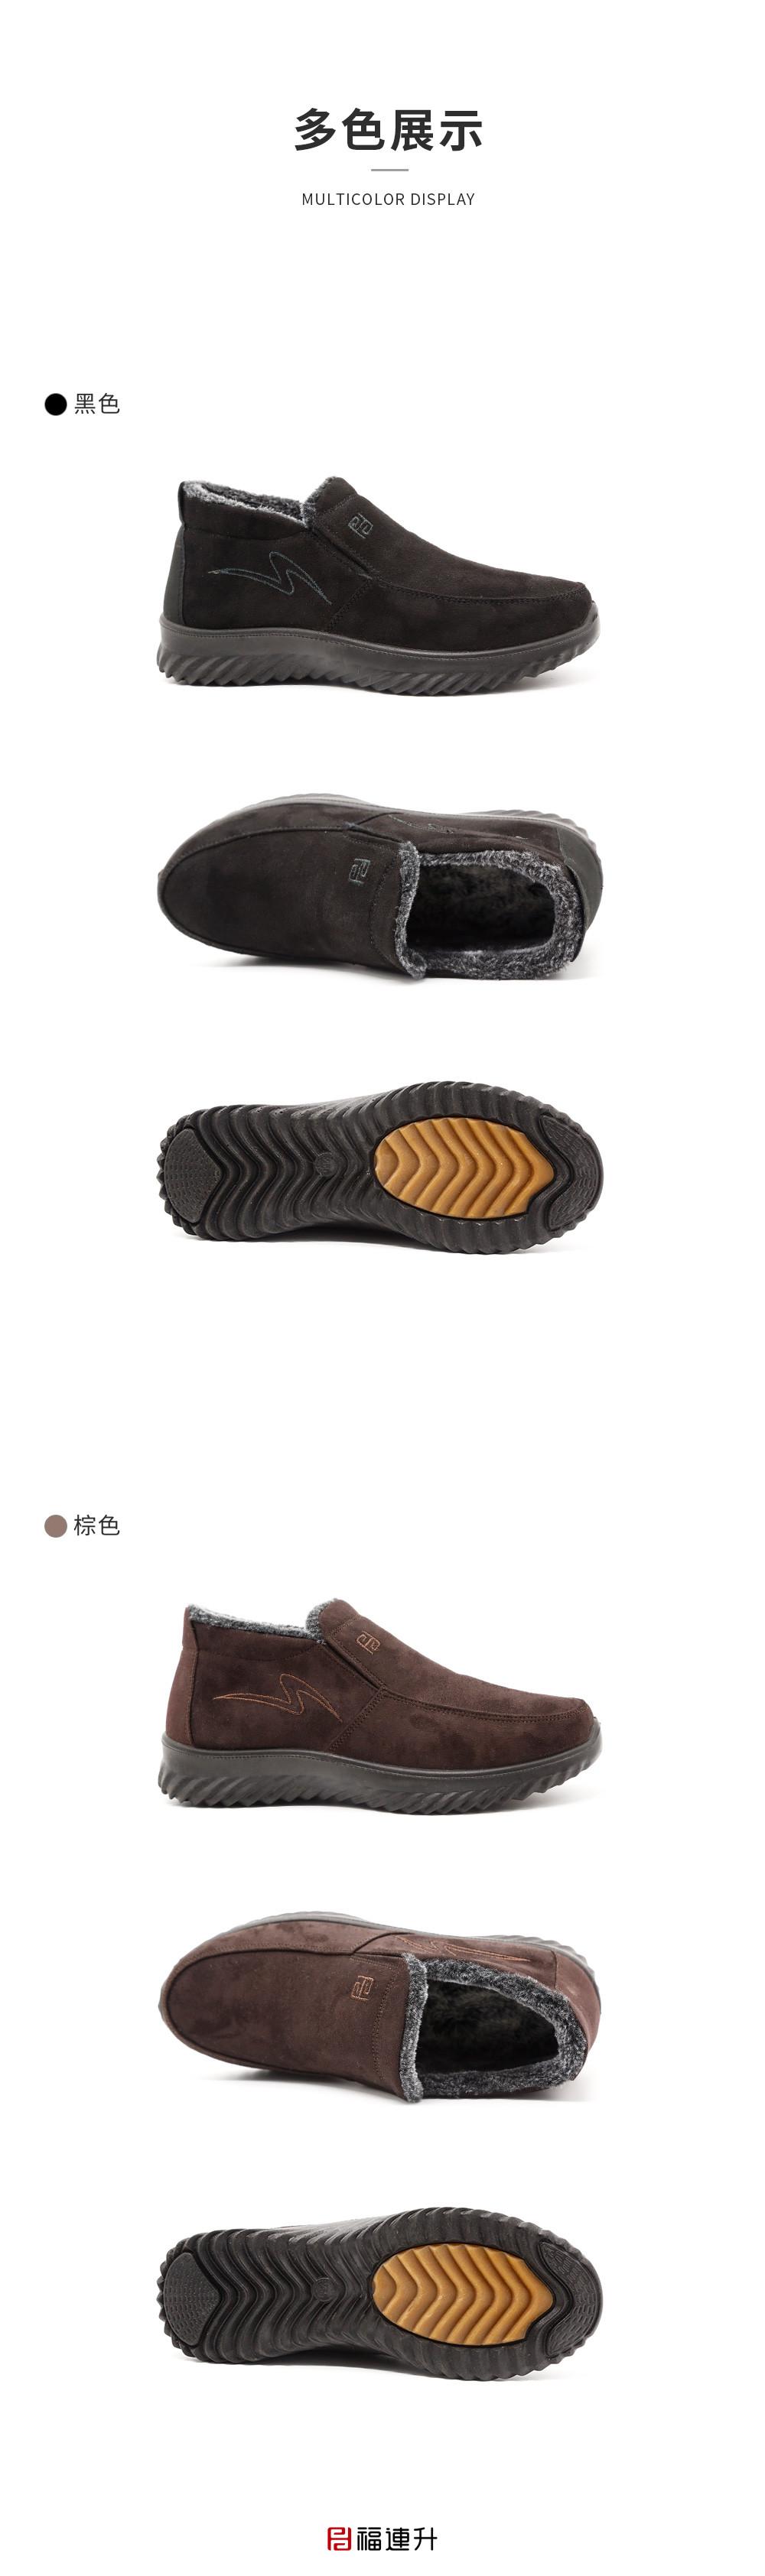 福连升老北京布鞋冬季男棉鞋舒适加绒保暖爸爸休闲鞋图片